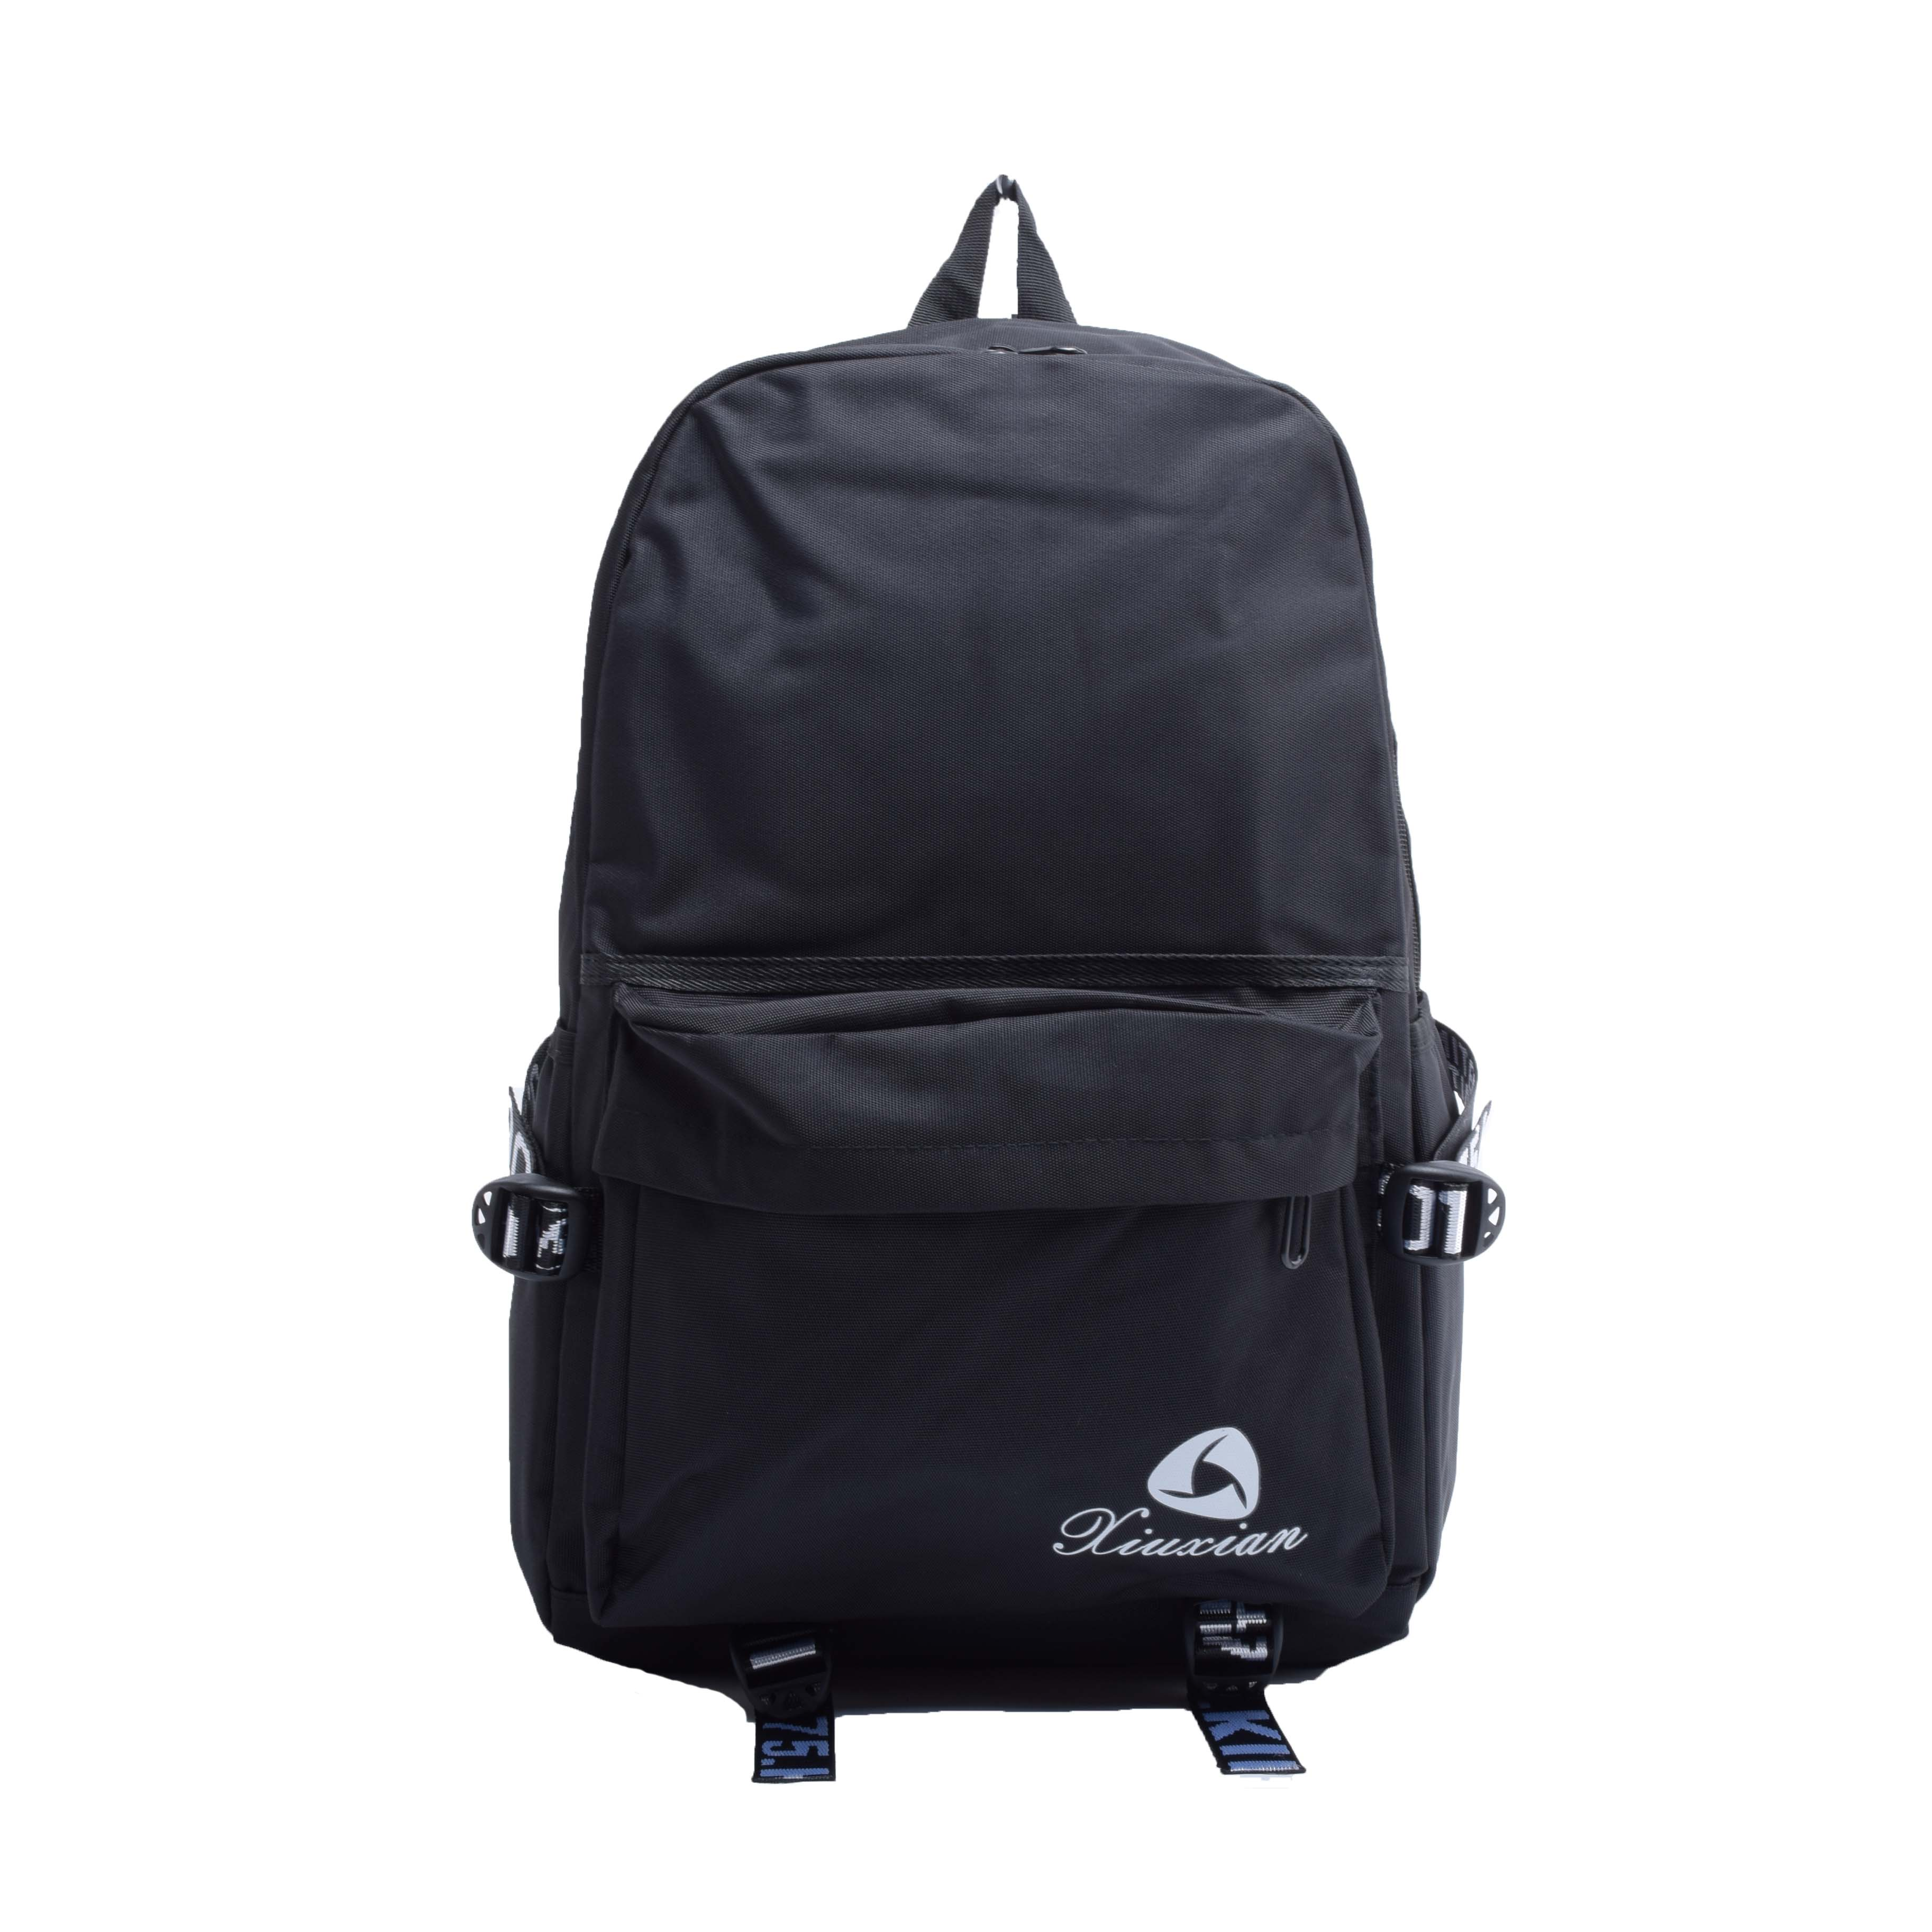 Divatos Fekete Női Hátizsákok - Műbőr - Táska webáruház - Minőségi táskák  mindenkinek a6e8251033